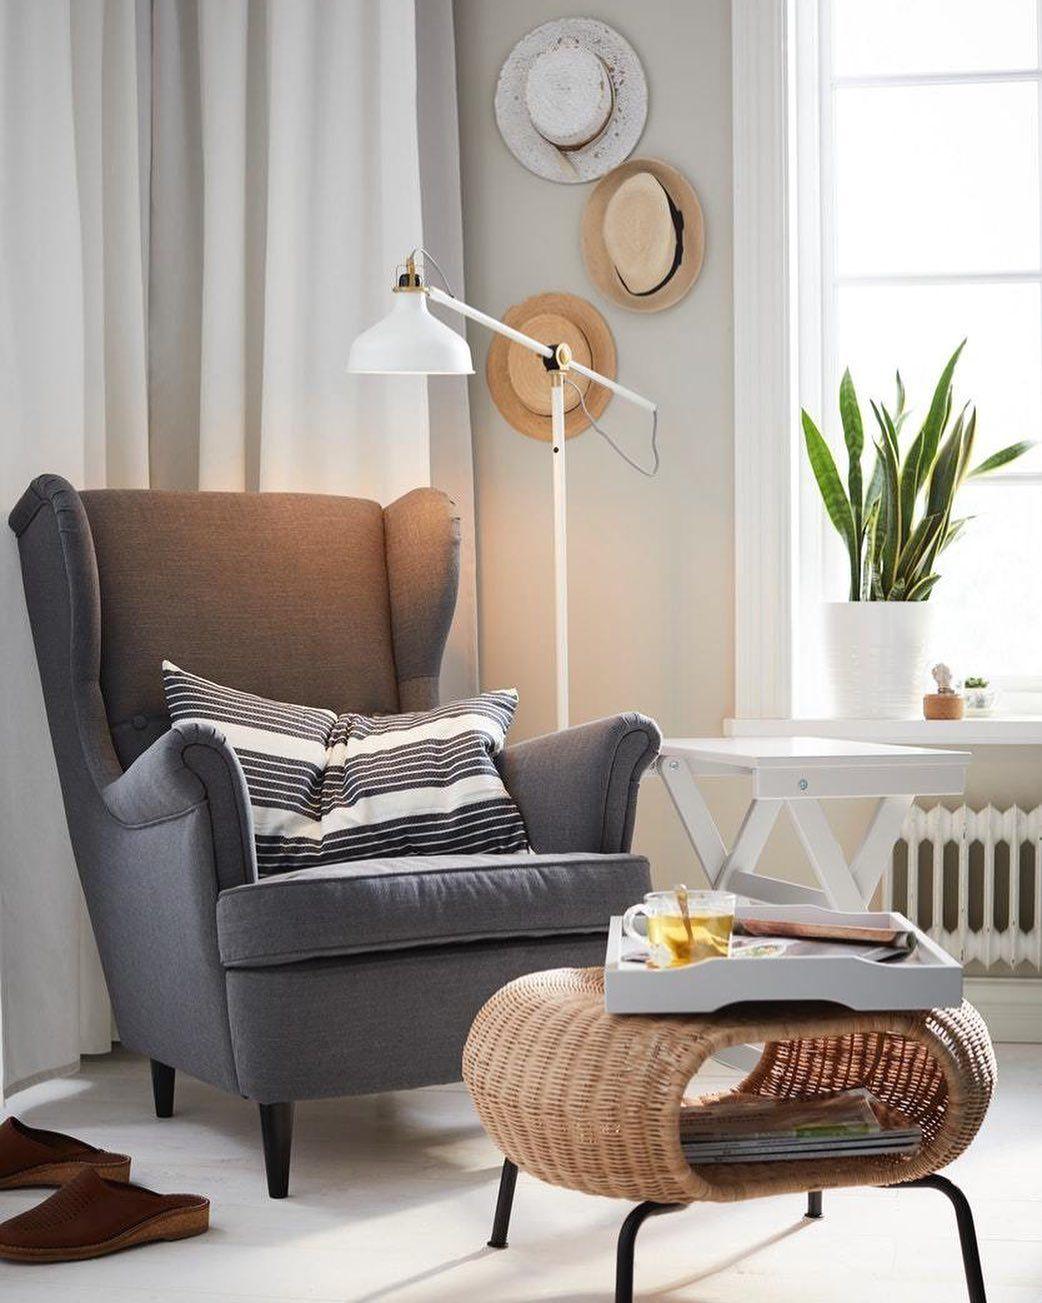 Ikea France On Instagram Le Saviez Vous Le Fauteuil Strandmon Figurait En Couverture De Notre Premier Catalogue En 2020 Salons Lumineux Pouf Rangement Chaise Ikea